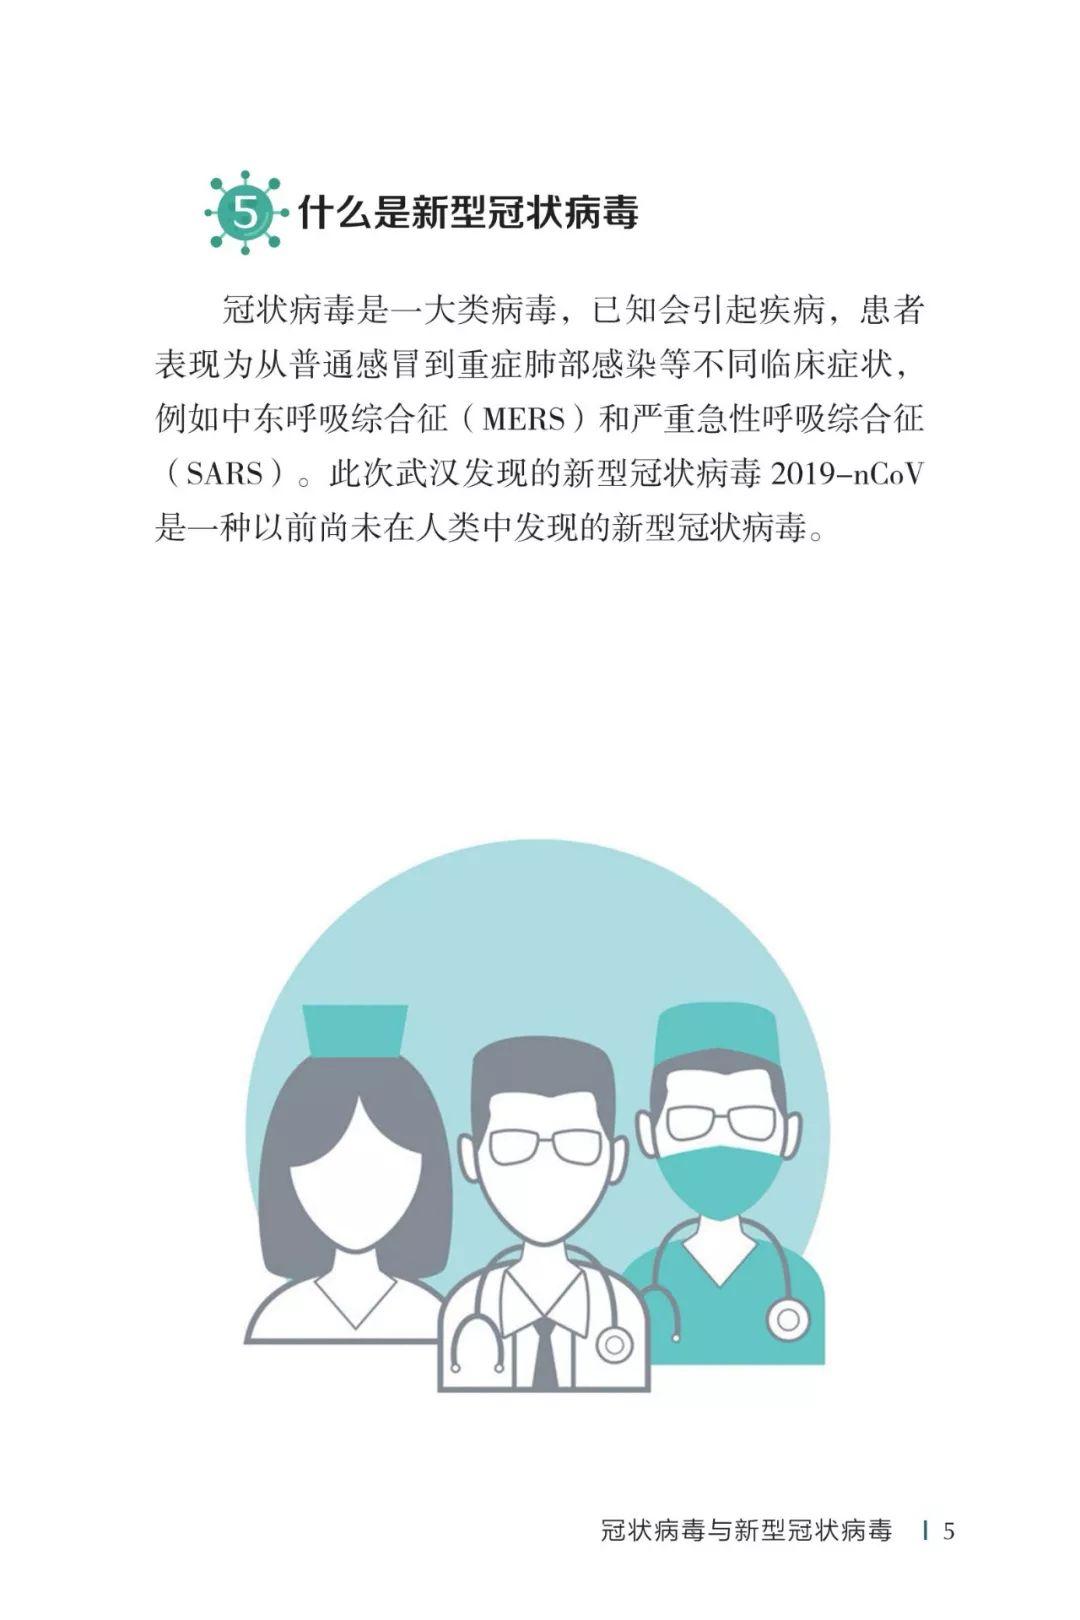 防疫权威读物来了《新型冠状病毒感染的肺炎公众防护指南》请认真阅读